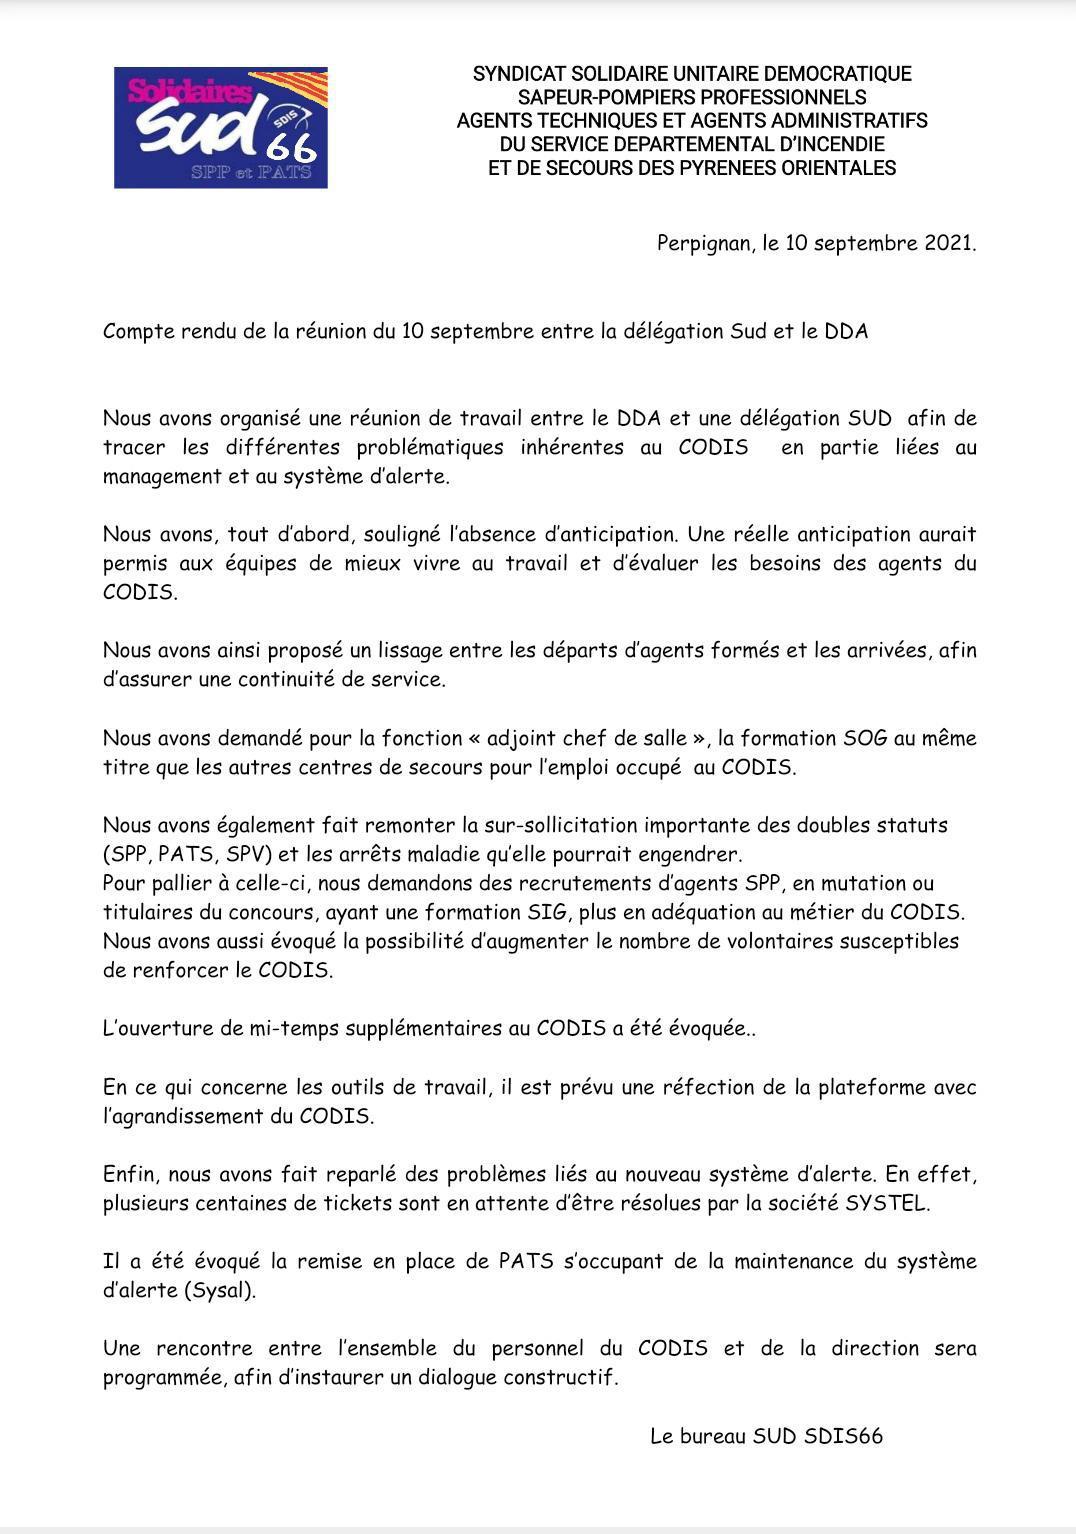 Compte rendu de la réunion du 10 septembre entre Sud et le DDA